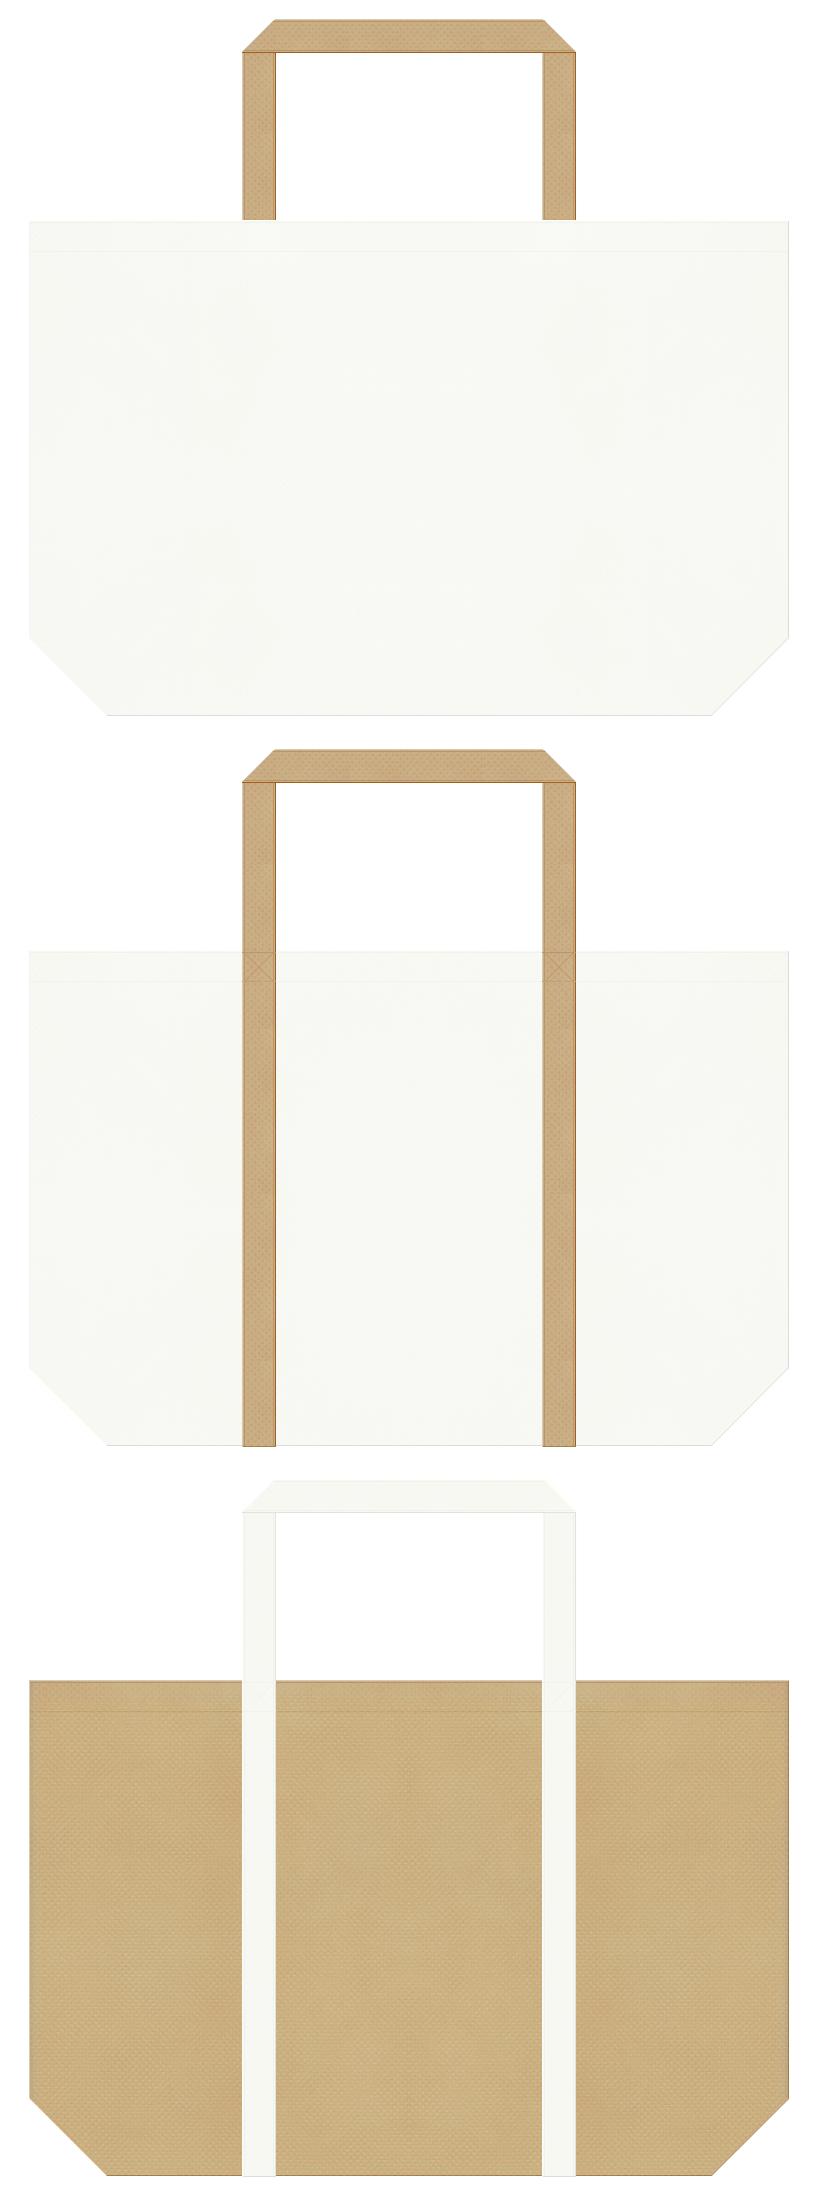 オフホワイト色とカーキ色の不織布ショッピングバッグのデザイン。ベーカリーショップにお奨めの配色です。